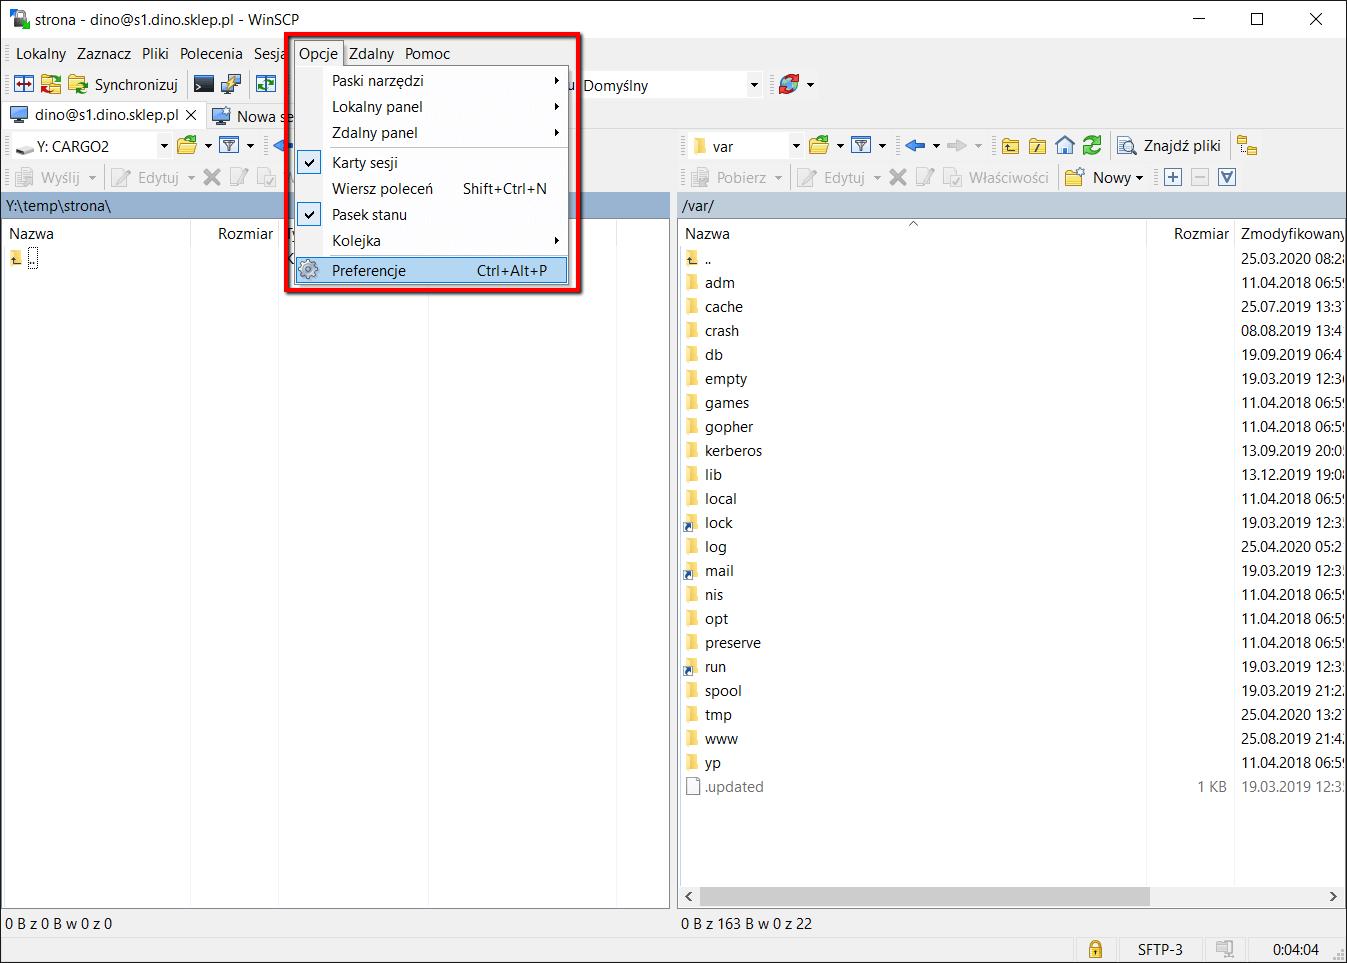 WinSCP błąd czasu - krok 1